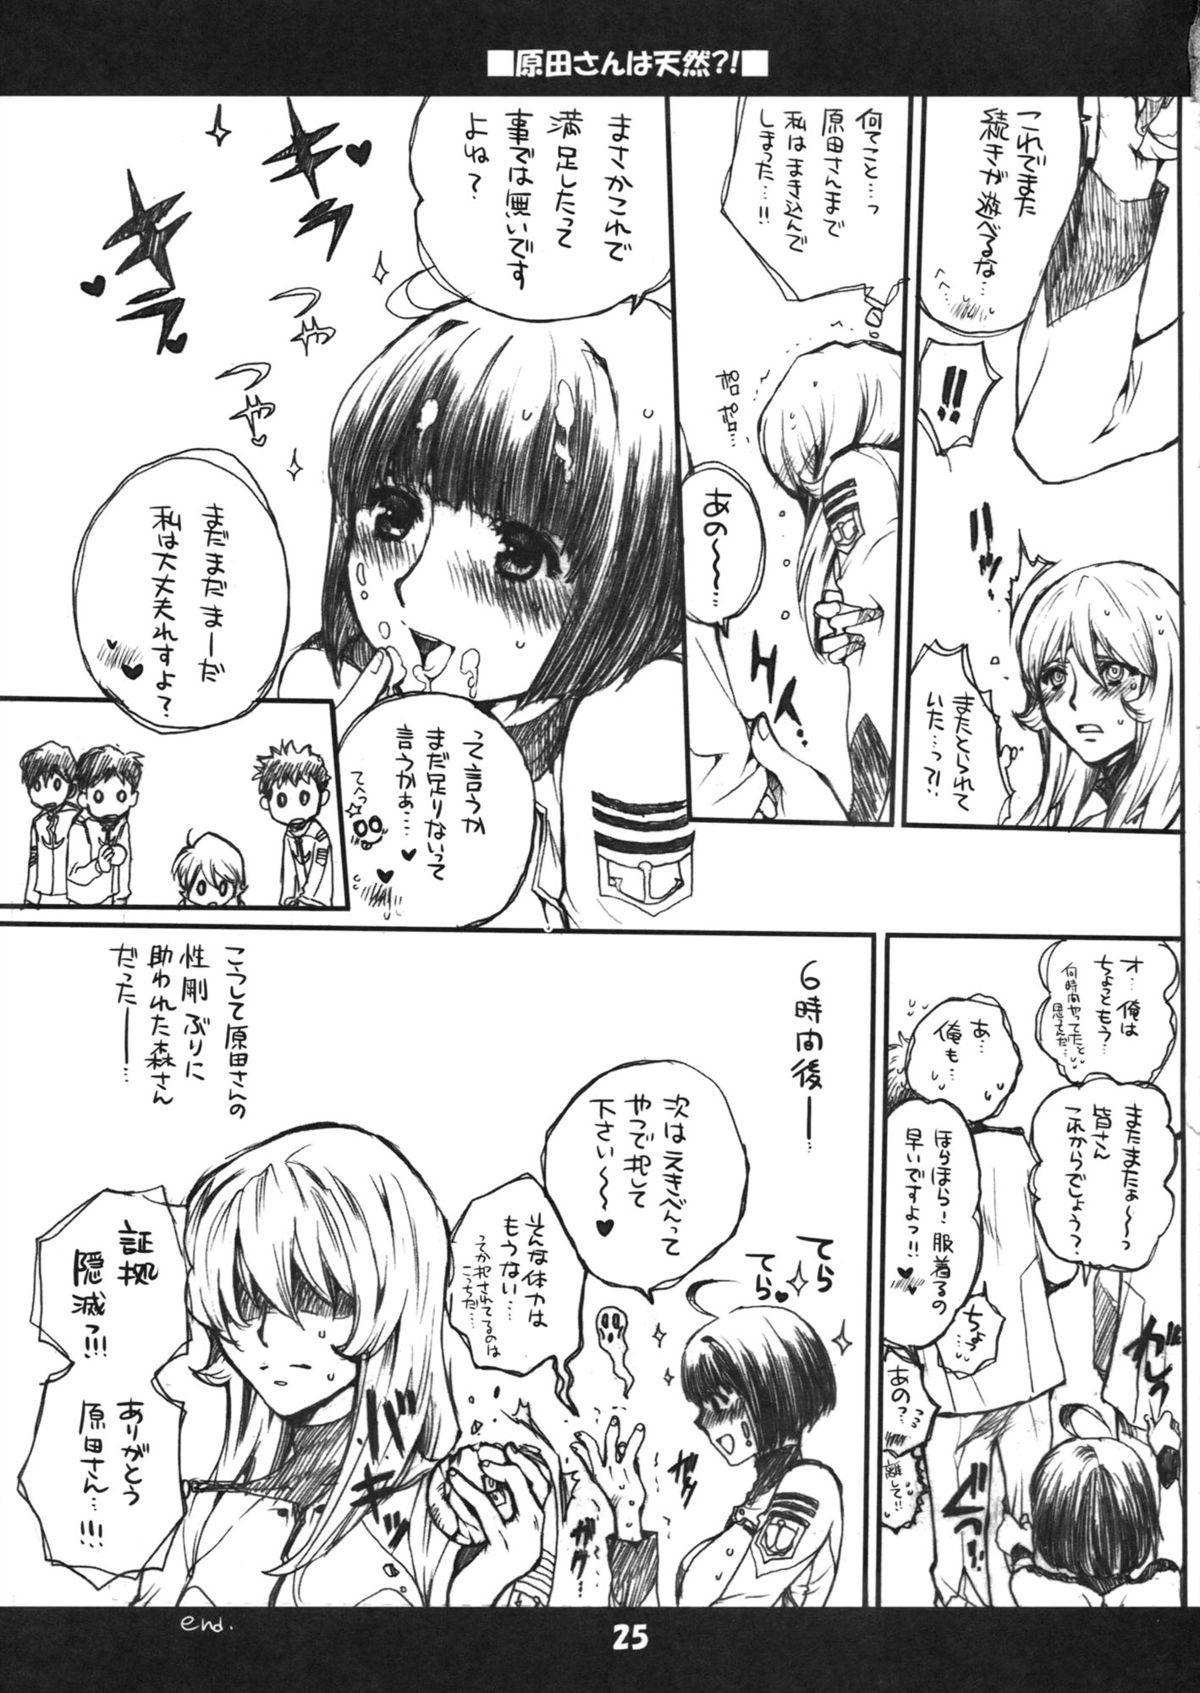 Harada-san wa tennen!? 23